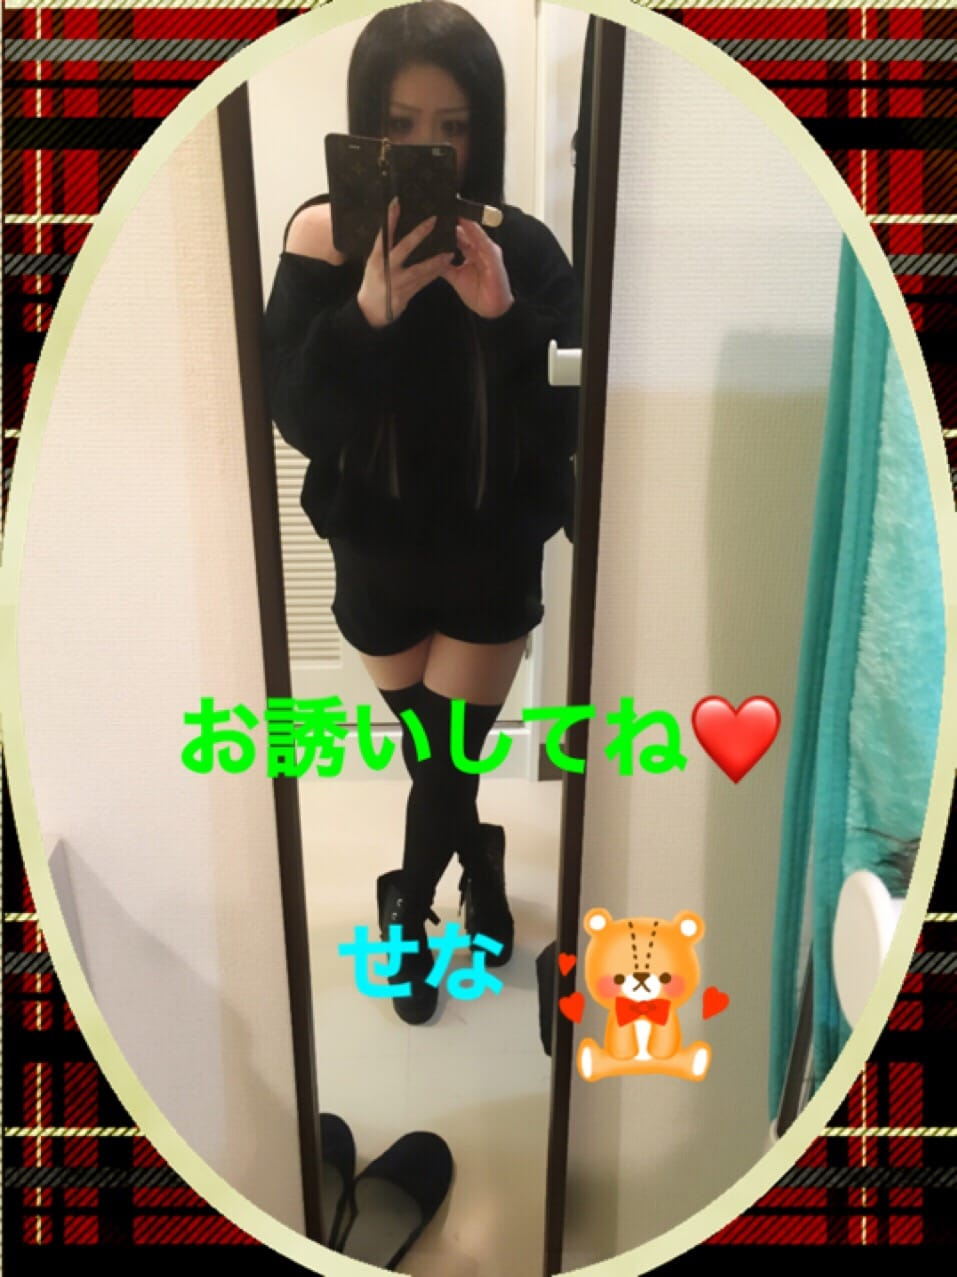 「(艸д゜*)ィャ→ン♪」02/15(木) 21:10 | せなの写メ・風俗動画